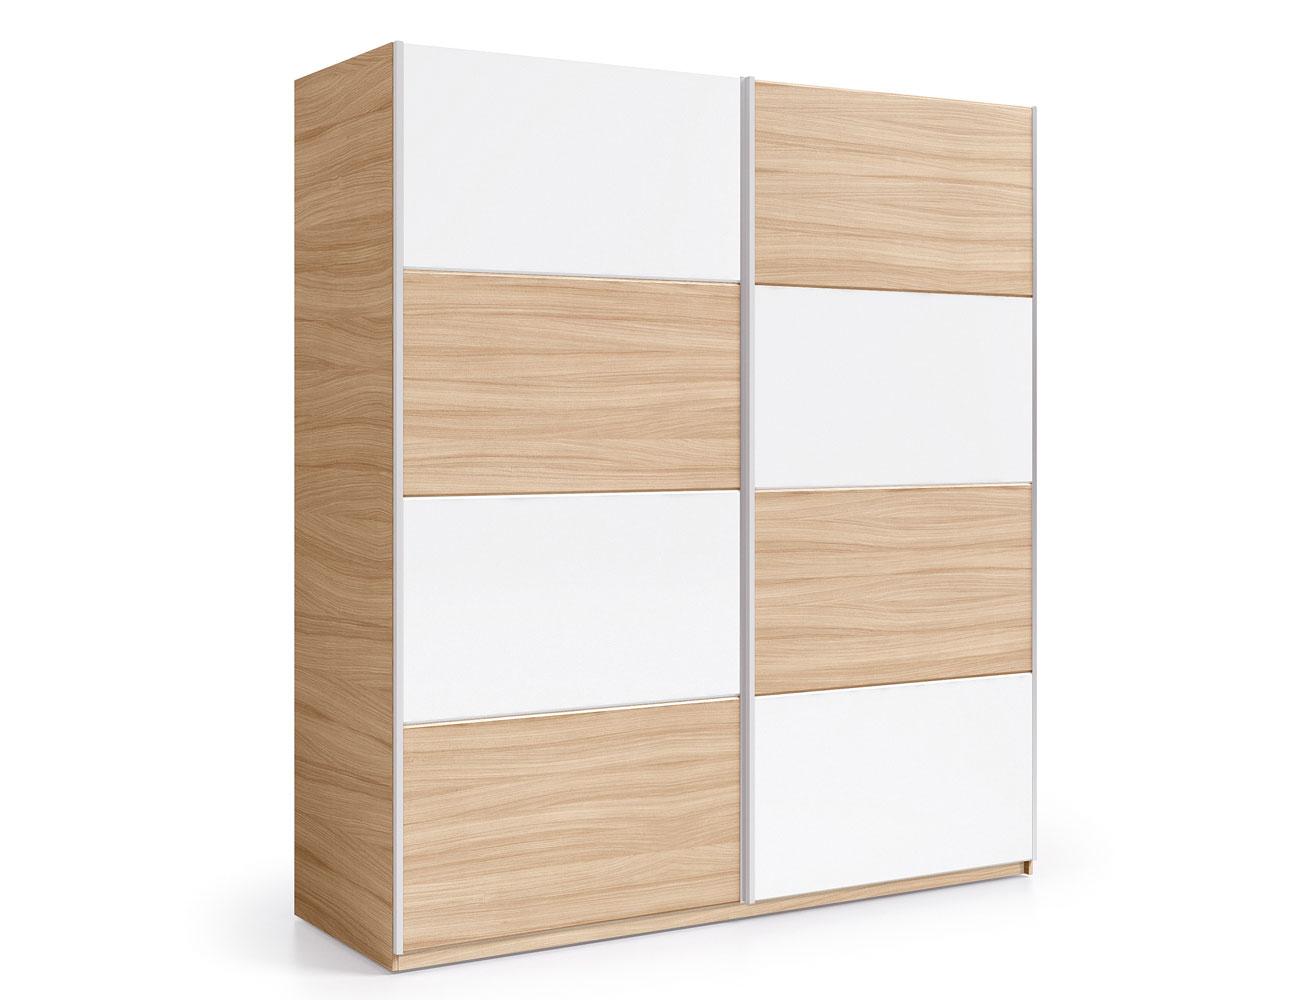 Armario puertas correderas roble blanco 180 cm